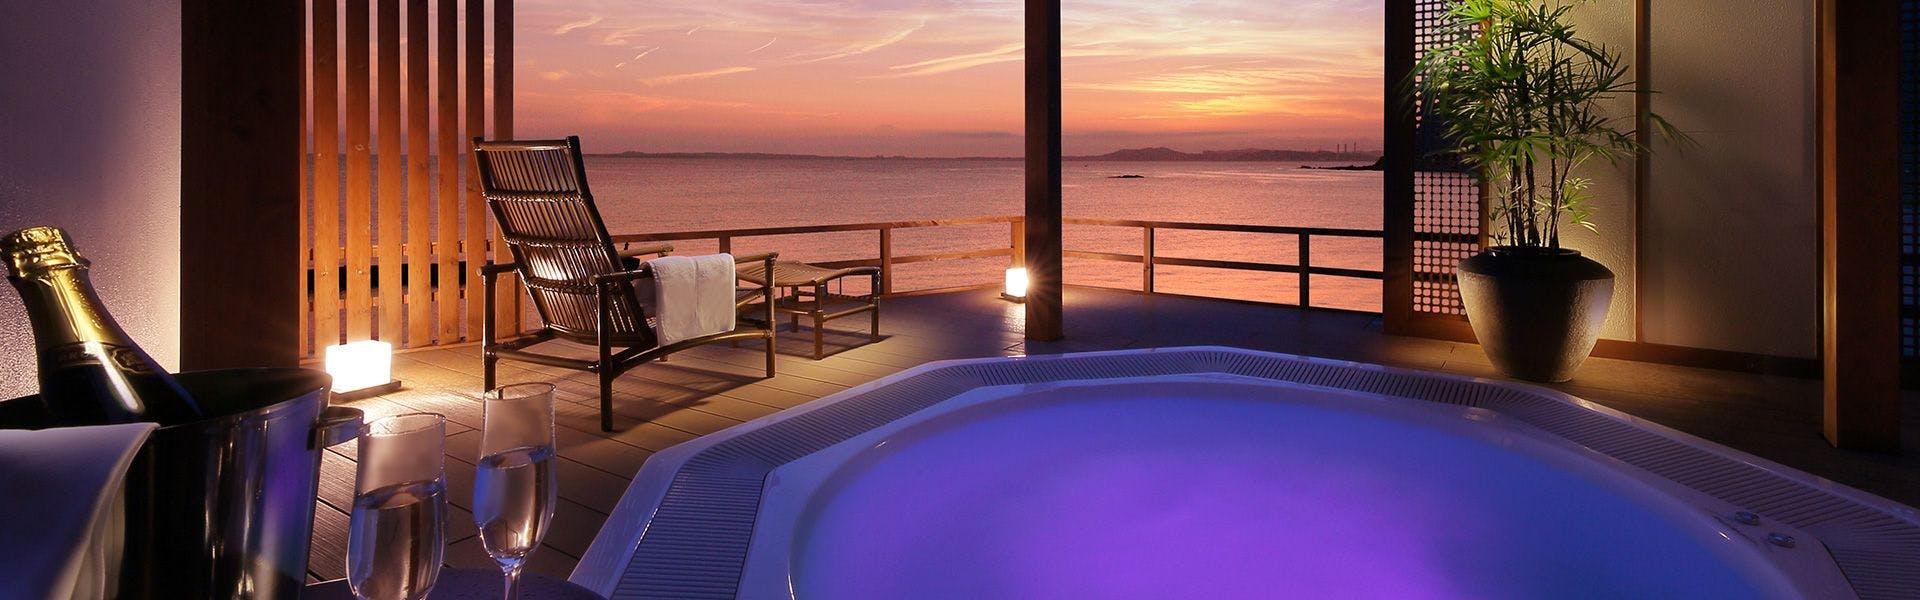 記念日におすすめのホテル・Beachside Onsen Resort ゆうみの写真2